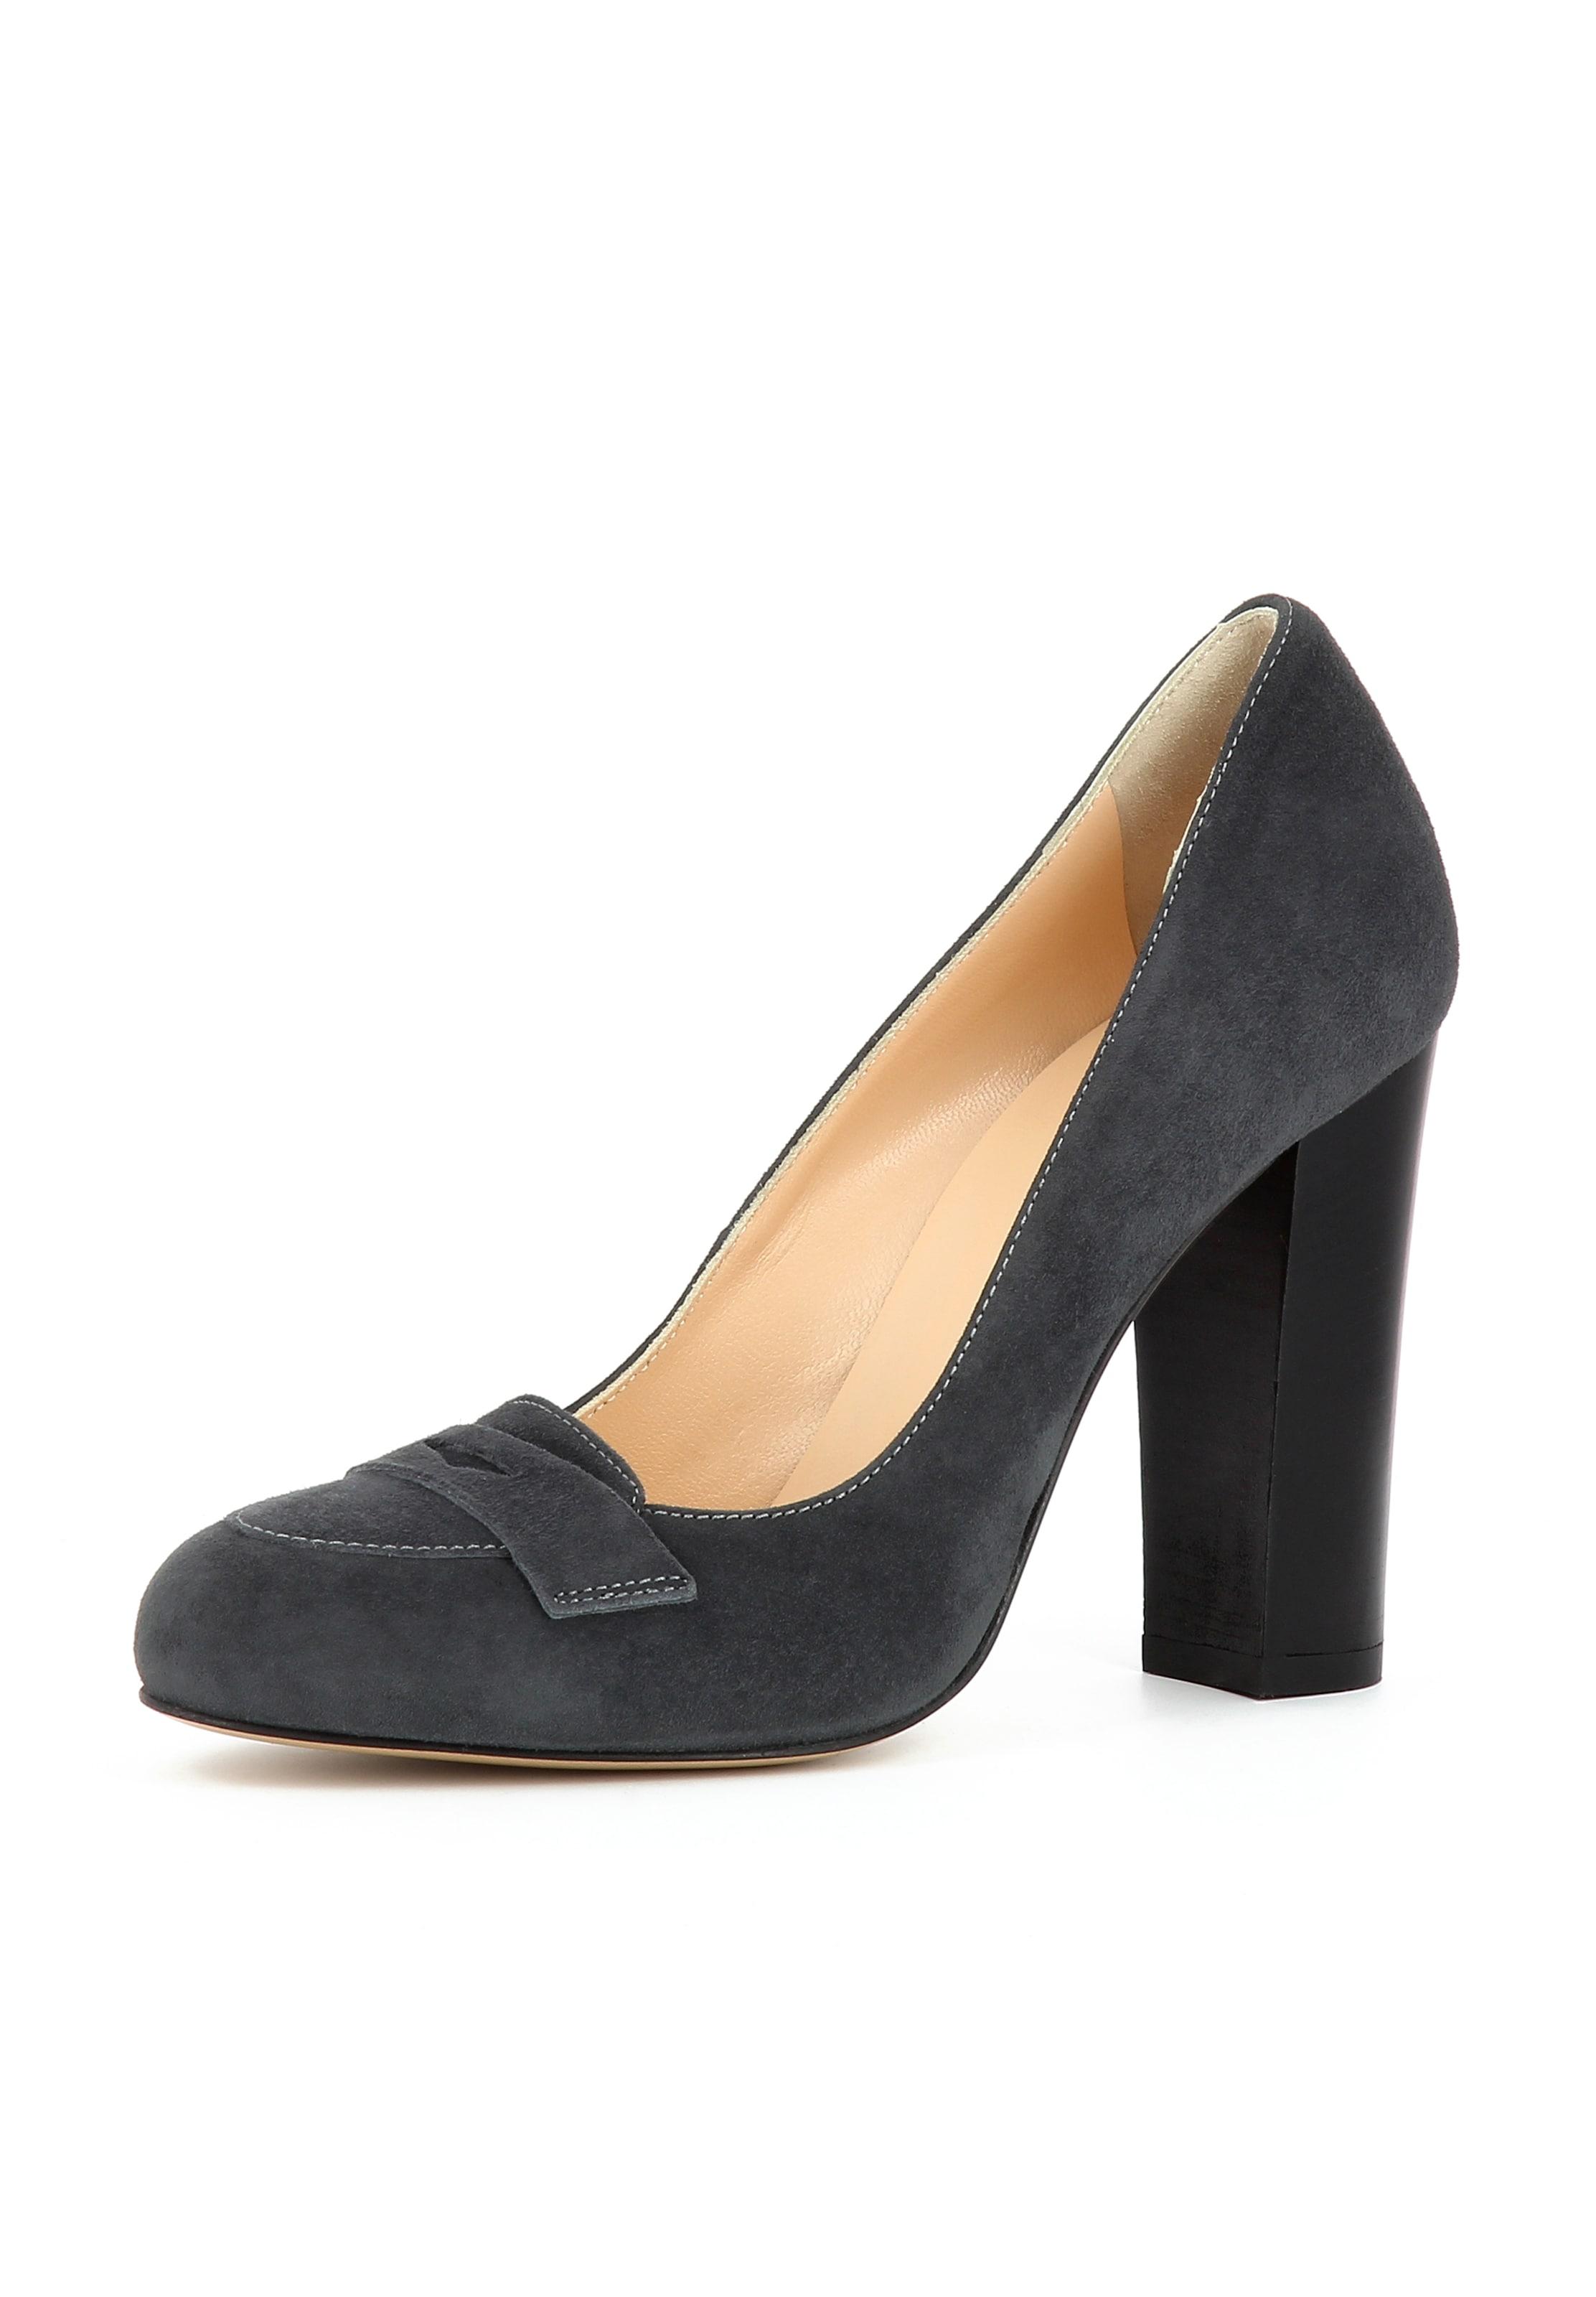 EVITA Damen Pumps CRISTINA Verschleißfeste billige Schuhe